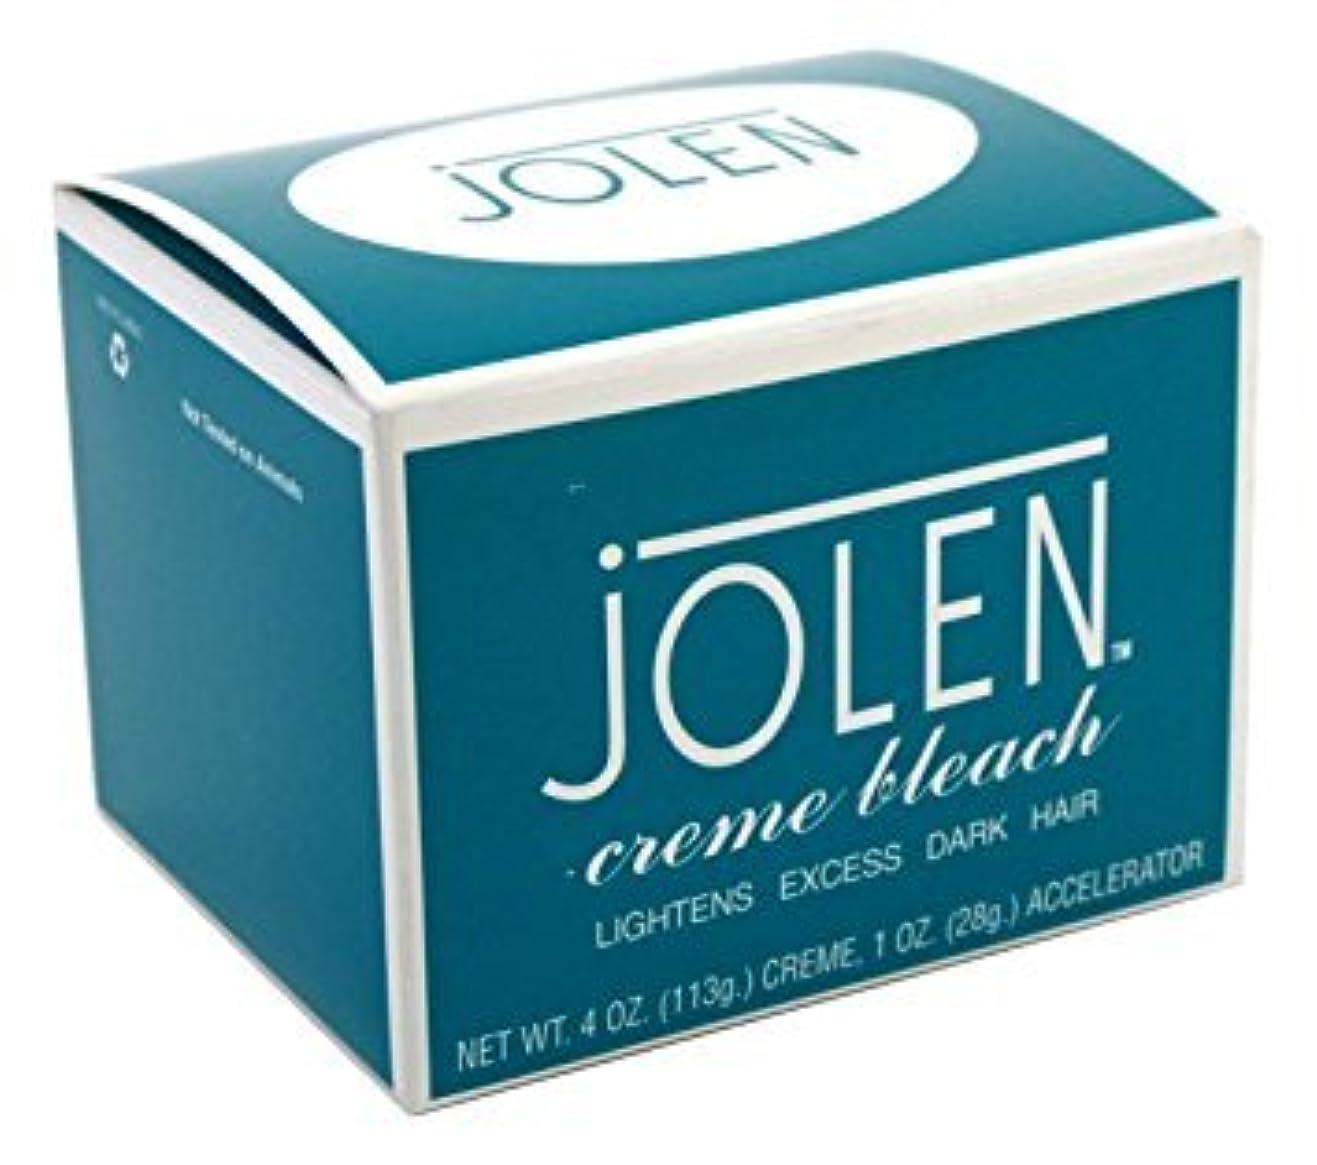 制限された雑多な不信箱つぶれ Jolen ジョレン 眉用ブリーチクリーム  レギュラー 大きなサイズ 4オンス [並行輸入品]